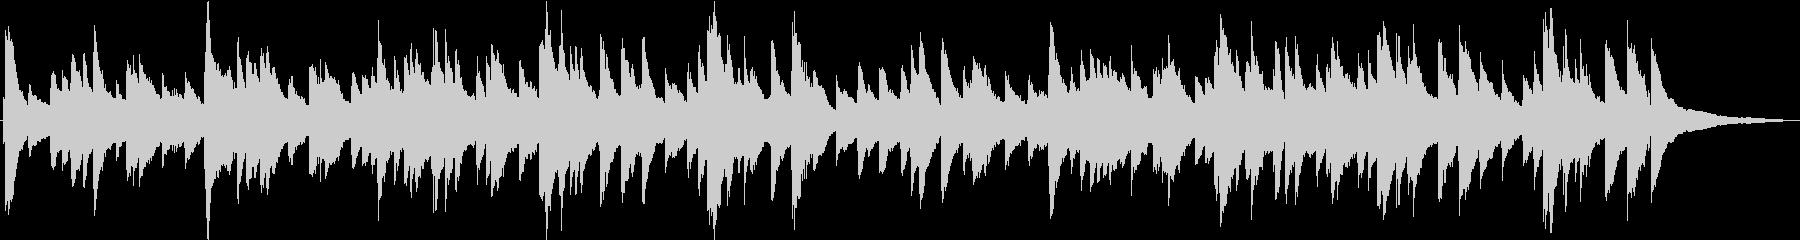 (生演奏)優しい雰囲気のピアノ曲の未再生の波形